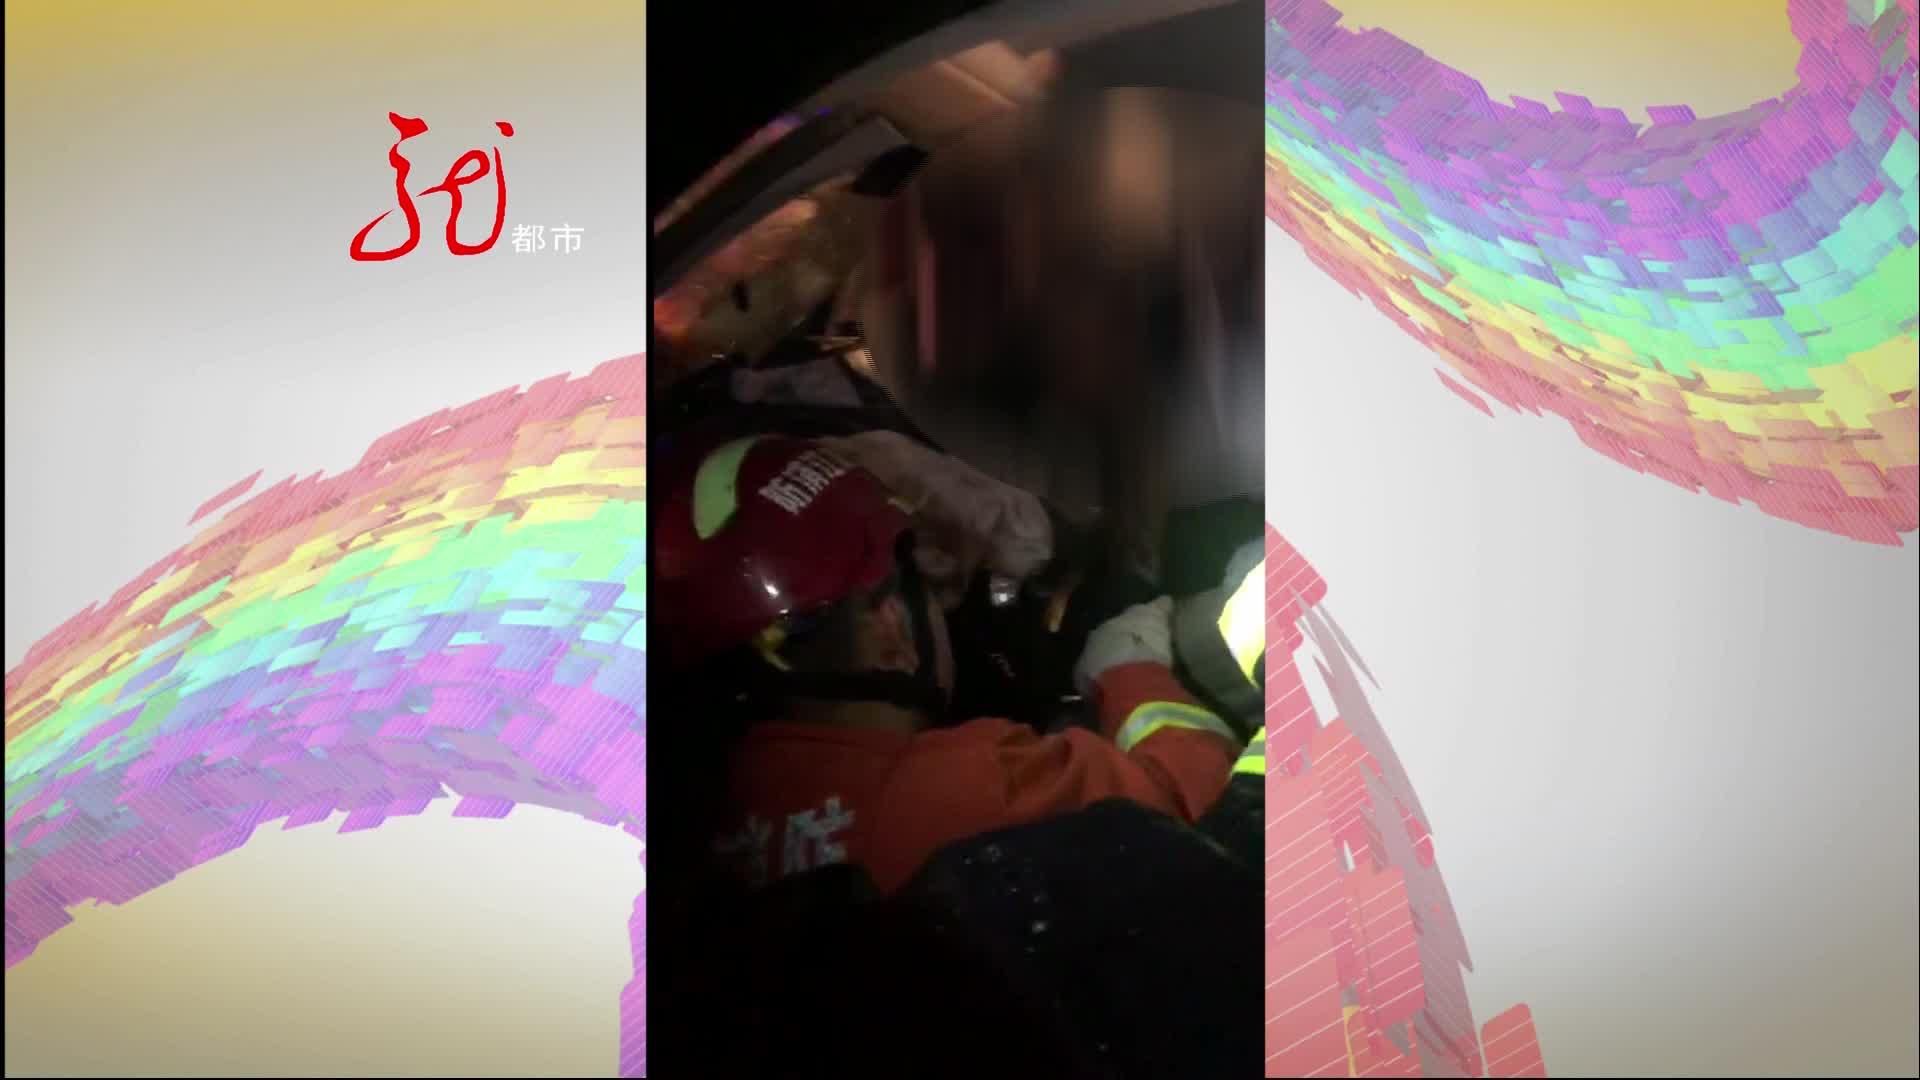 走错路逆行返回 结果撞到路边护栏 车内两人受伤